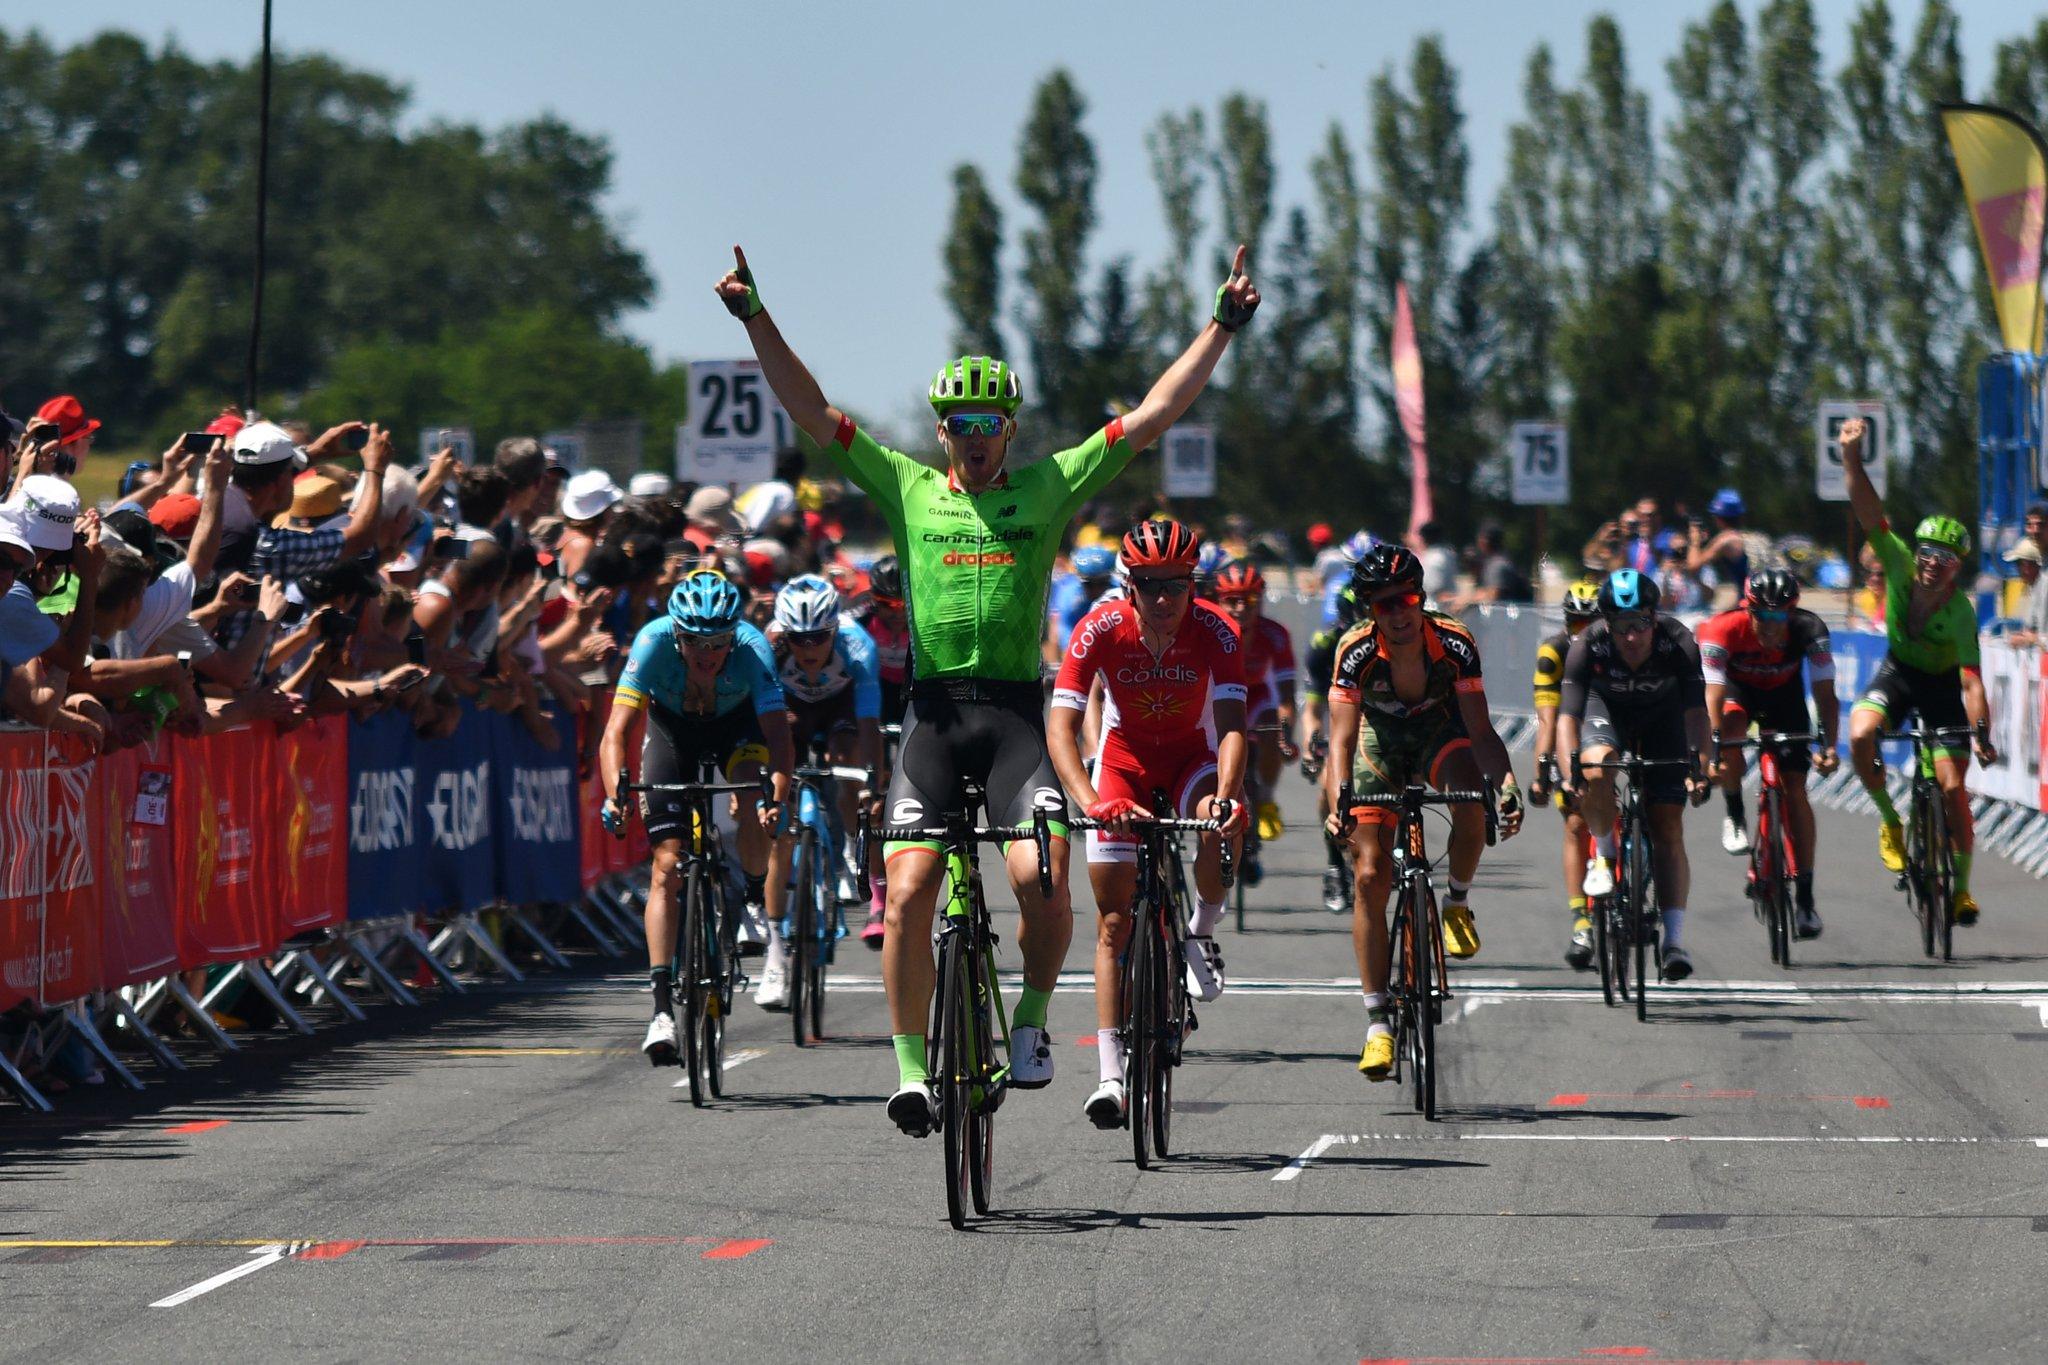 Tom Scully Vainqueur D'étape. Silvan Dillier Remporte La L'épreuve 2017.